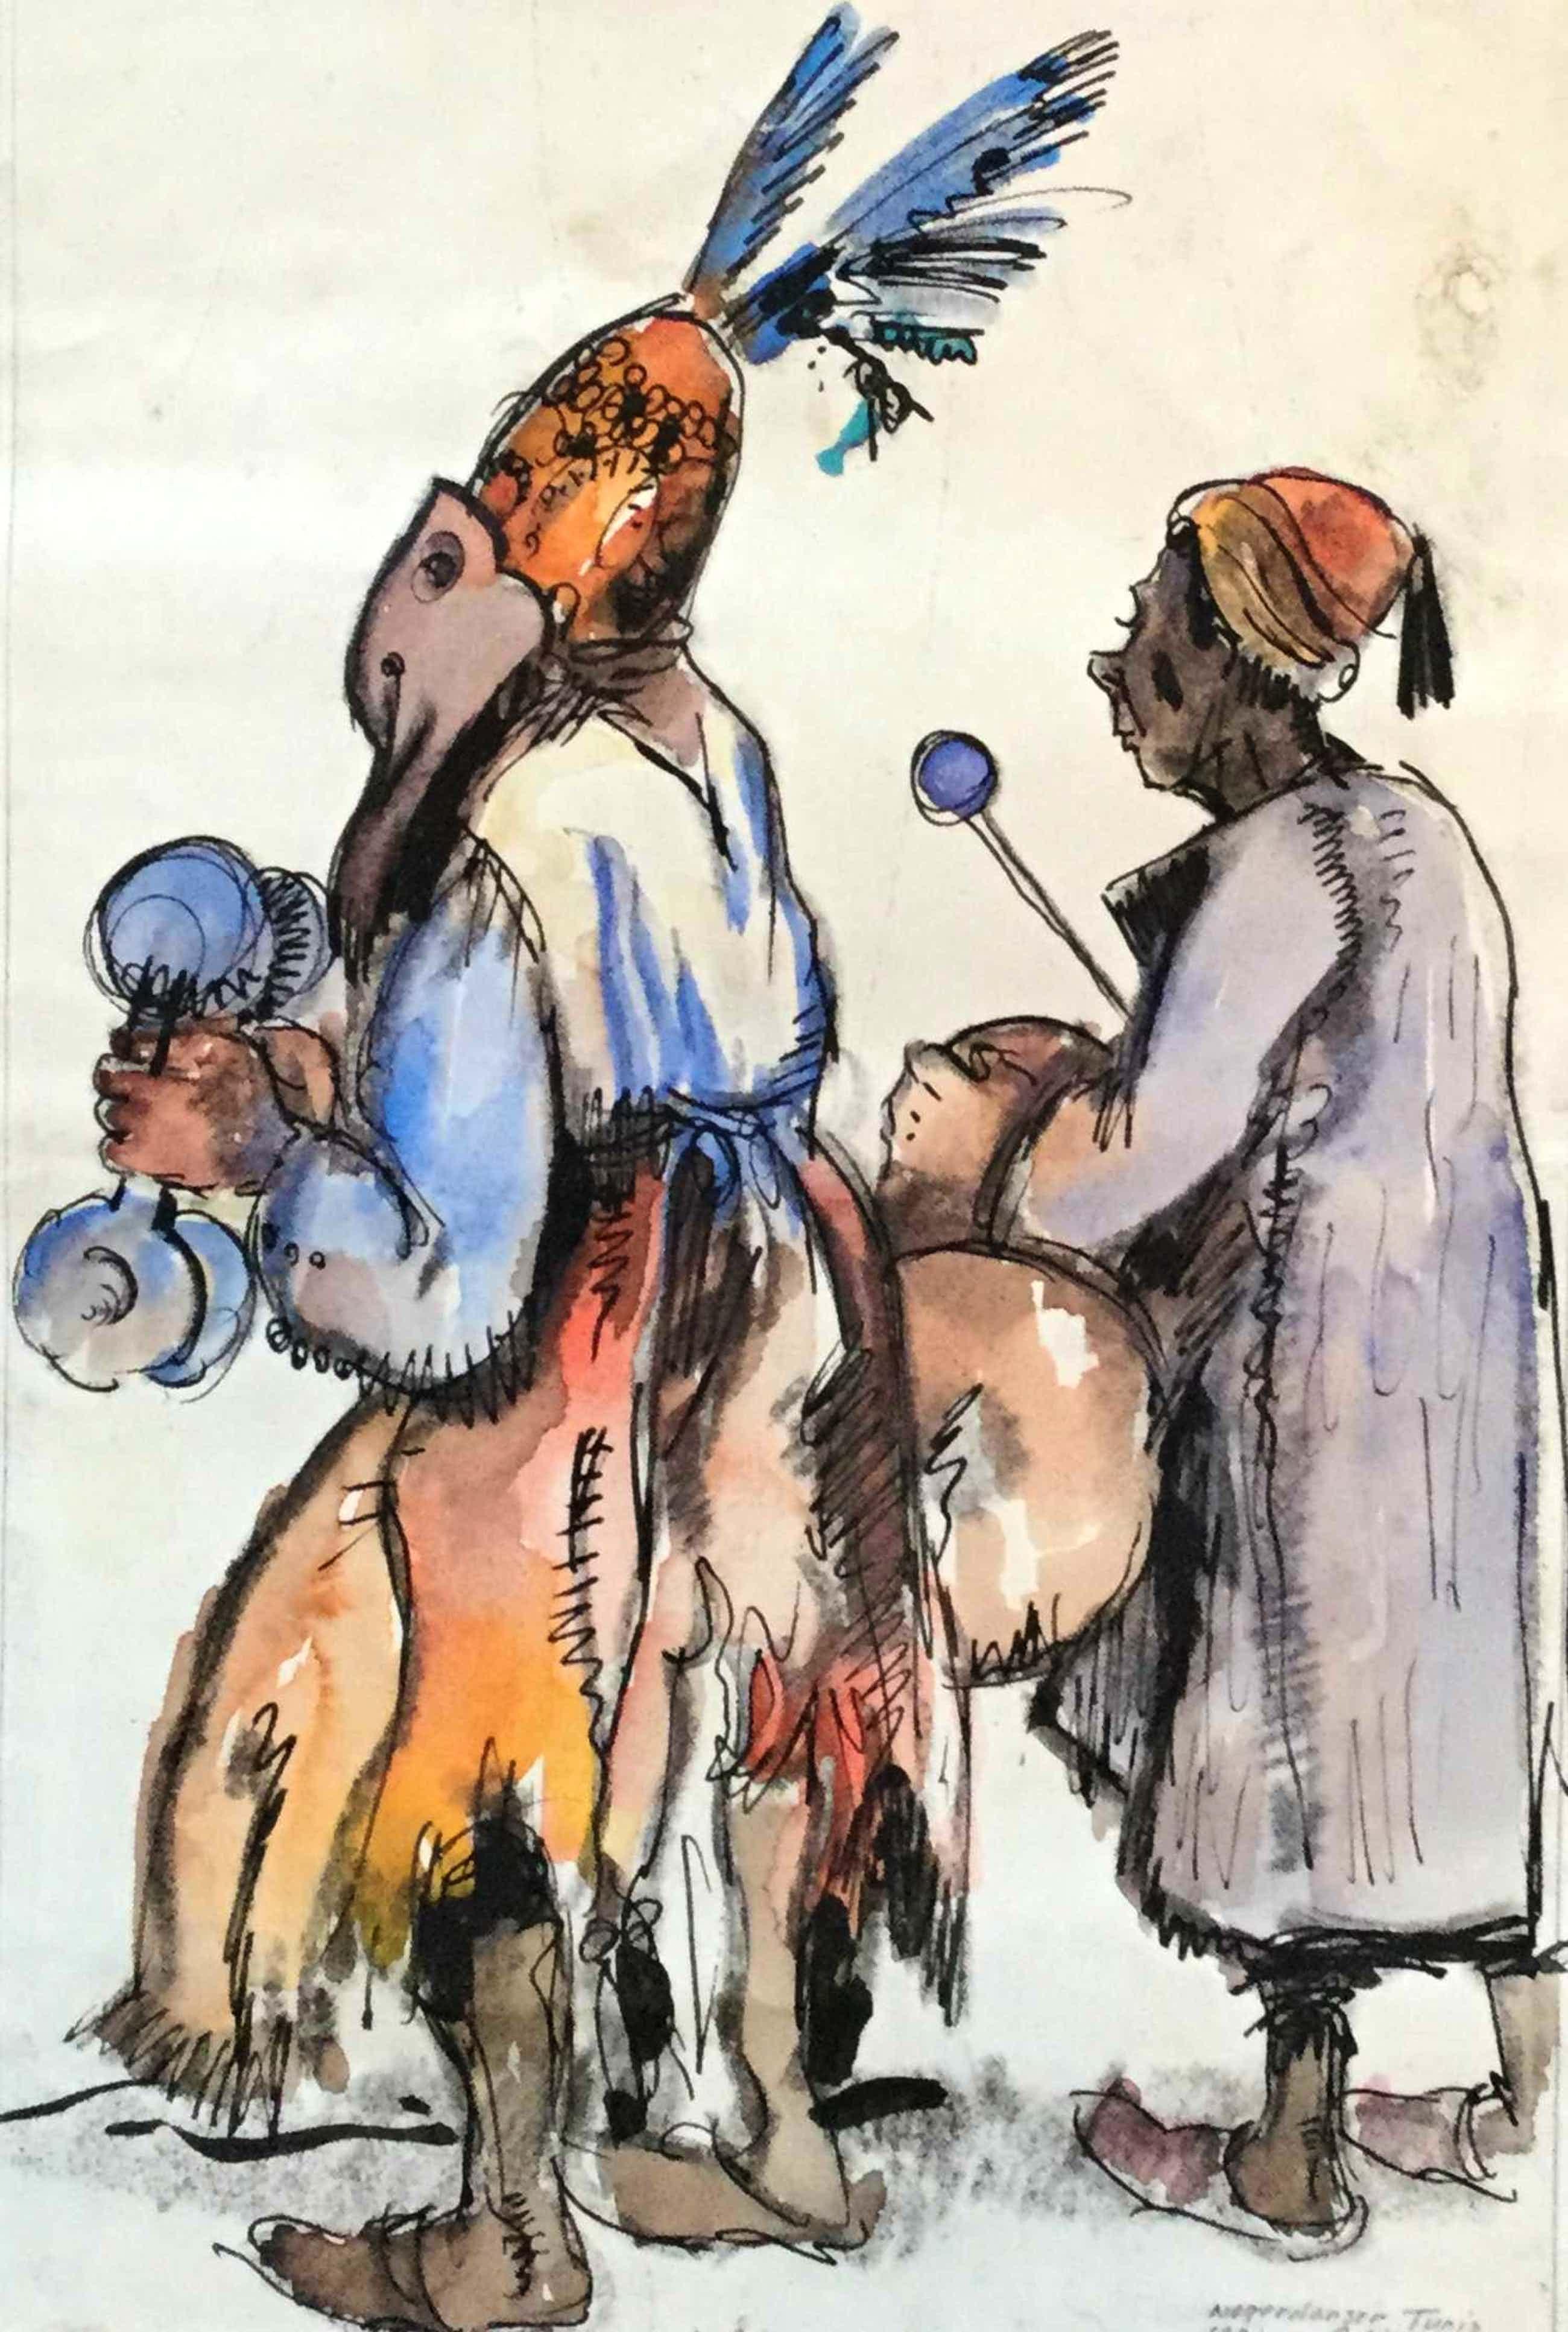 Gerard Huijsser - C4992-11, Danser, Tunis (Tunesië), 1931 kopen? Bied vanaf 95!